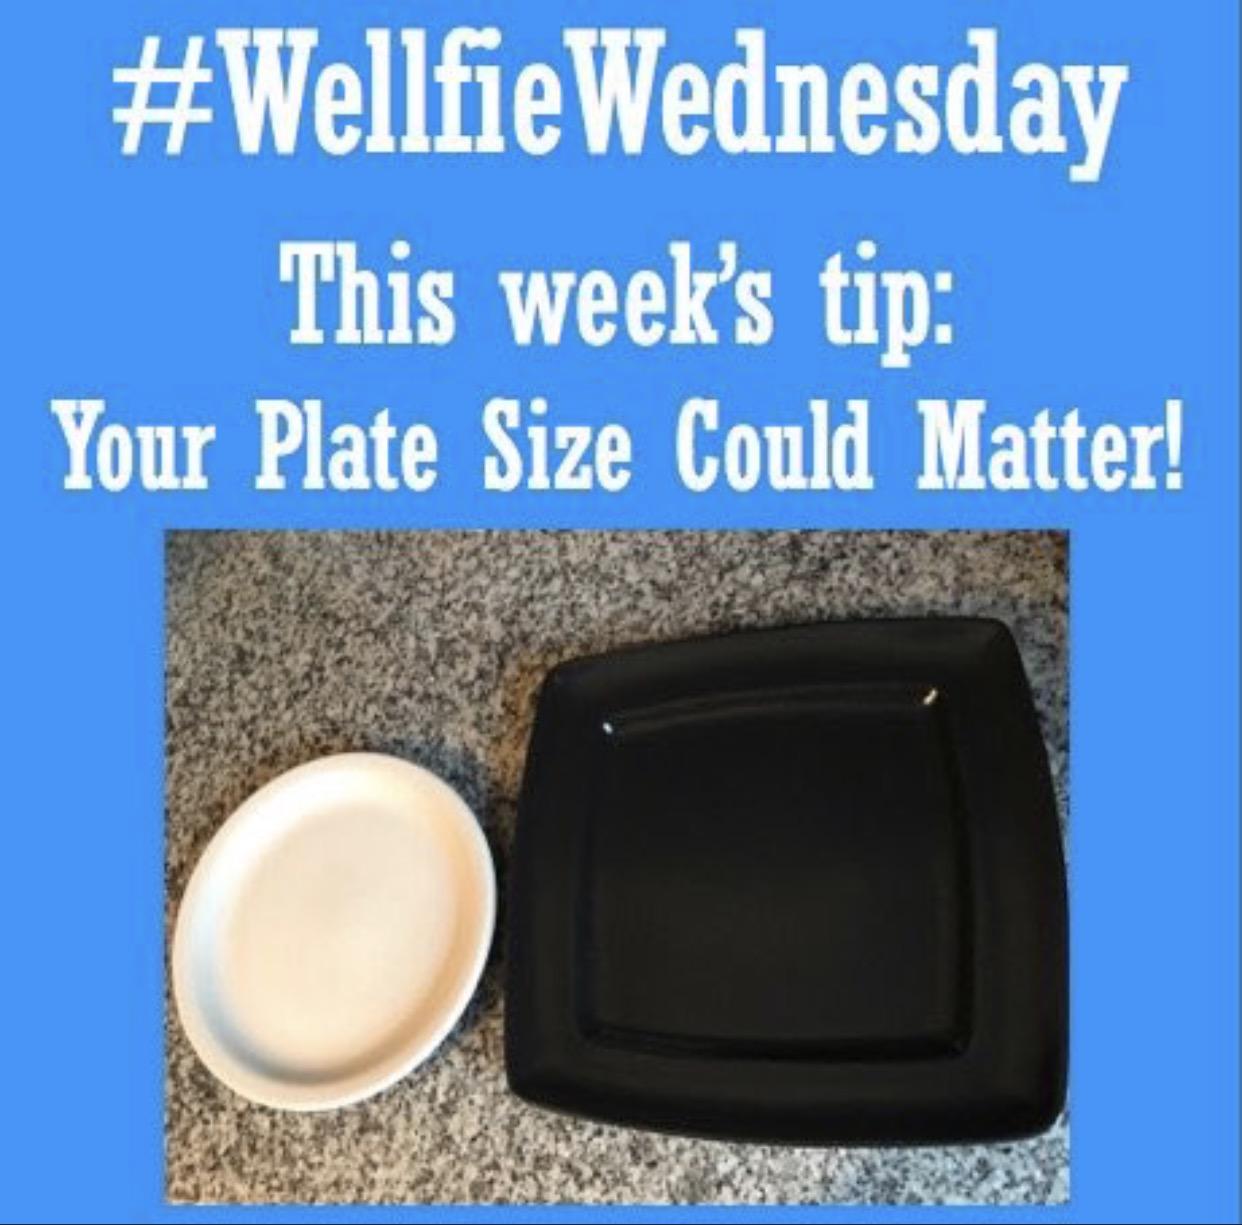 Wellfie Wednesday